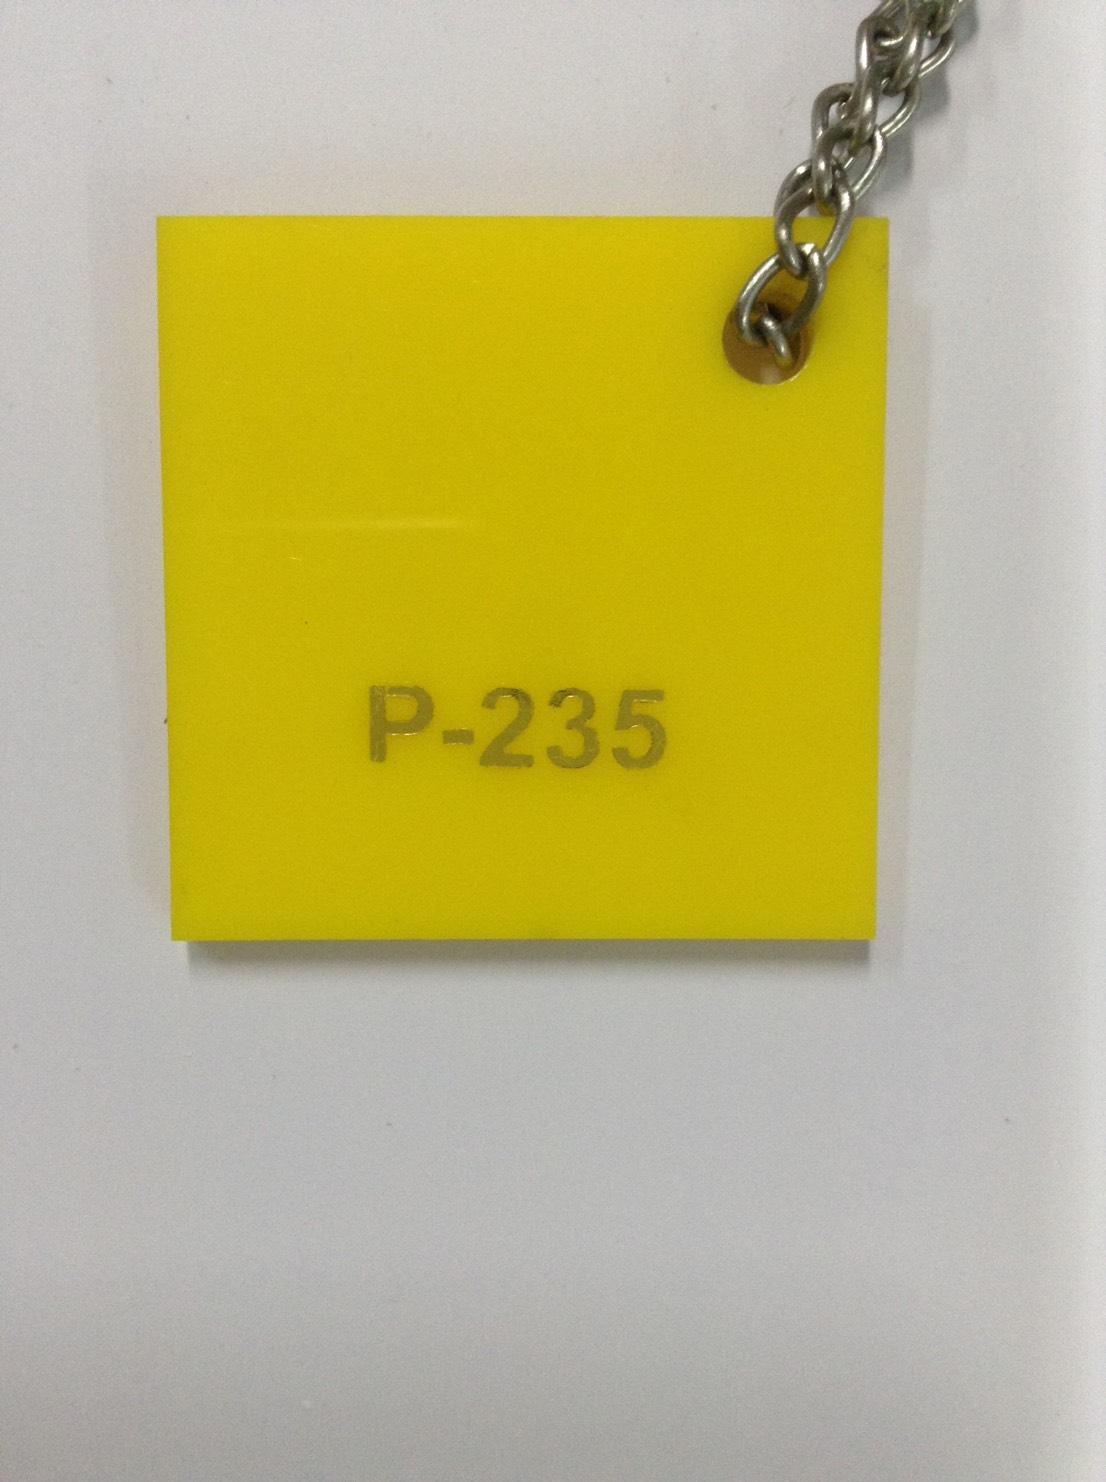 แผ่นอะคริลิคสีเหลือง หนา 3 mm. ขนาด 30x30 ซม.